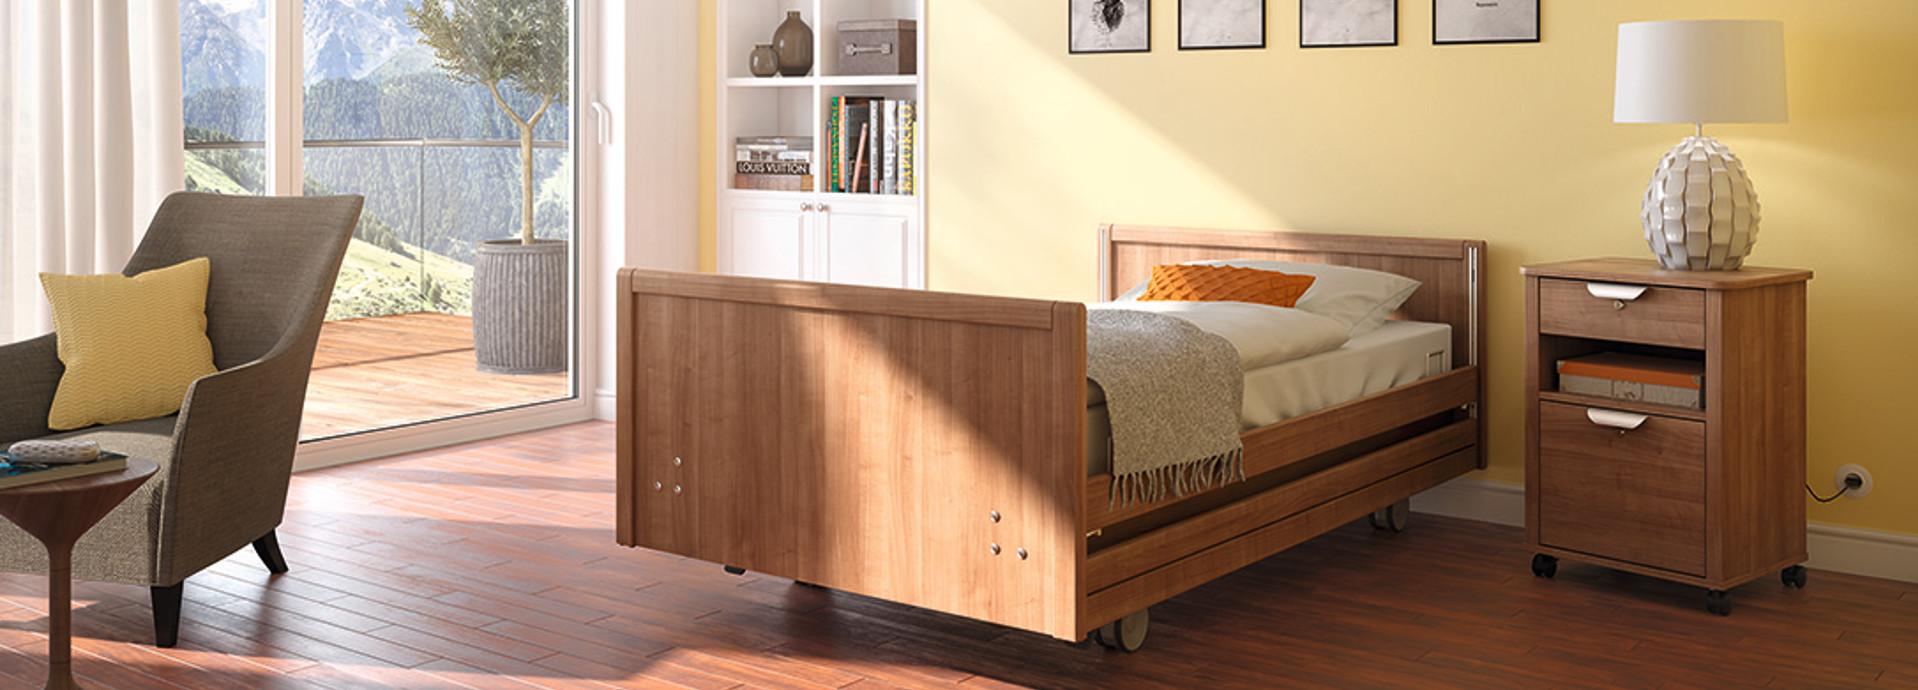 Full Size of Carisma 300 Xxl Universalbett Von Wi Bo Kaufen Xxxl Sofa Betten Hamburg Designer Rauch Jugend Wohnwert Wohnzimmer Bilder Schlafzimmer Mit Bettkasten Schöne Bett Xxl Betten